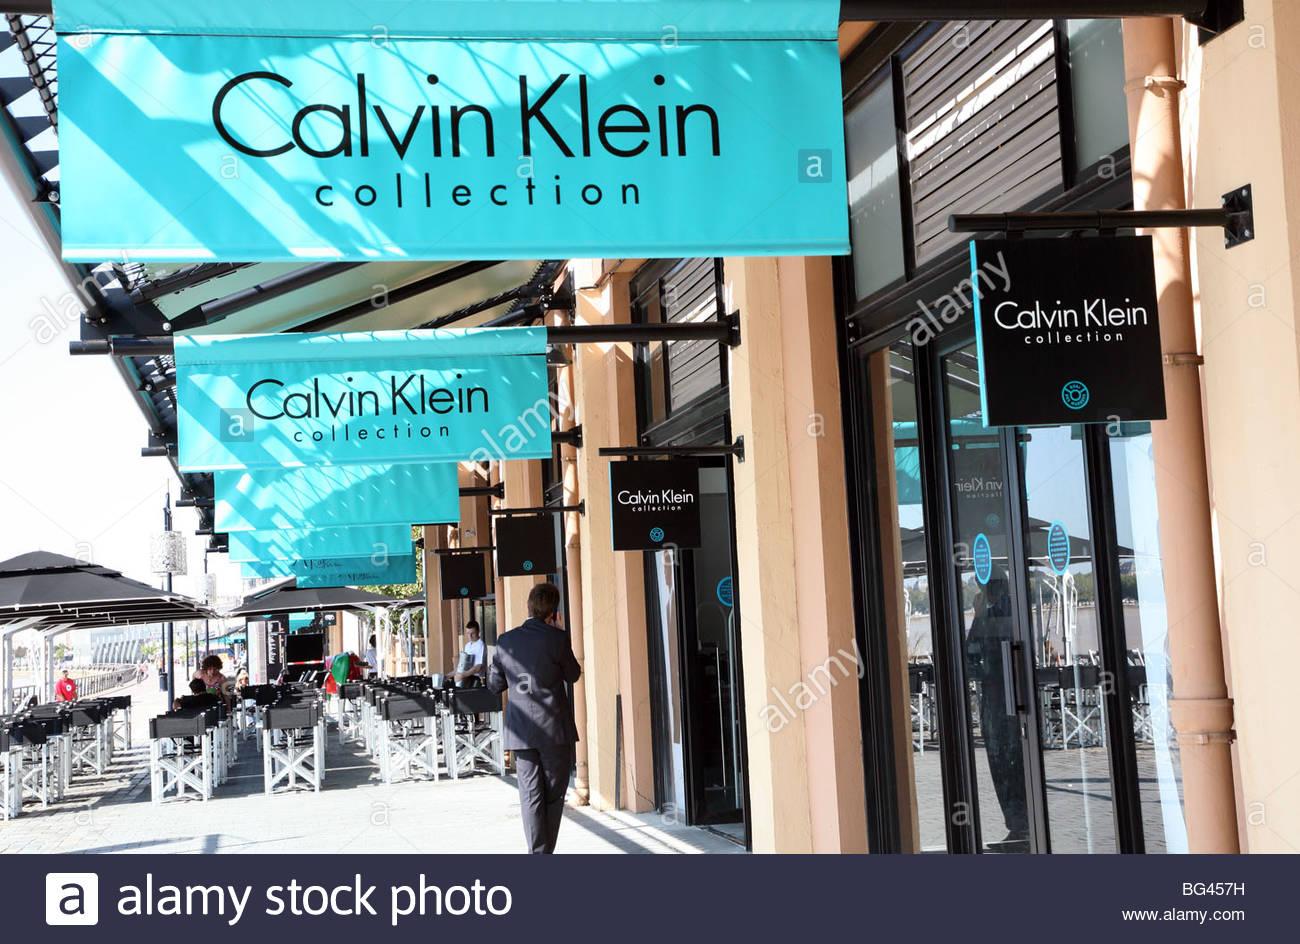 Acheter calvin klein magasin france original pas cher ici en ligne avec le  prix le plus bas possible. Remises spéciales sur les nouvelles offres 2018. ad013d52e7e